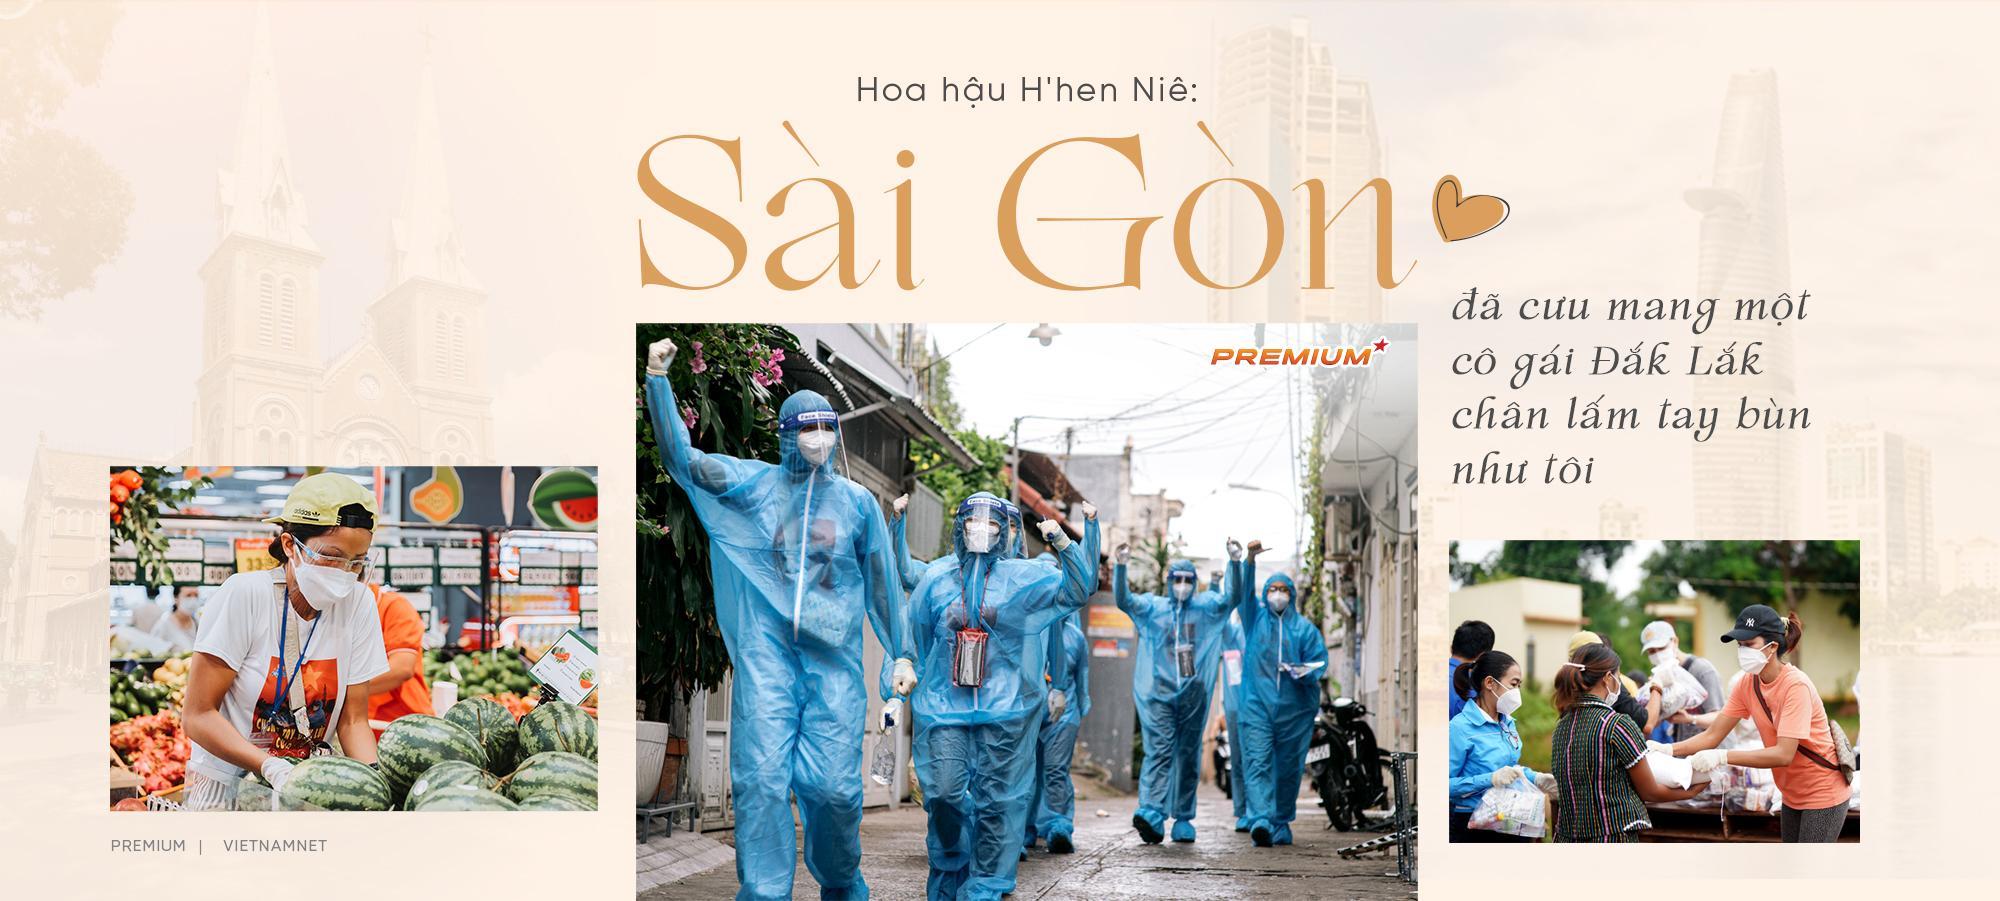 Hoa hậu H'hen Niê: Sài Gòn đã cưu mang một cô gái Đắk Lắk chân lấm tay bùn như tôi